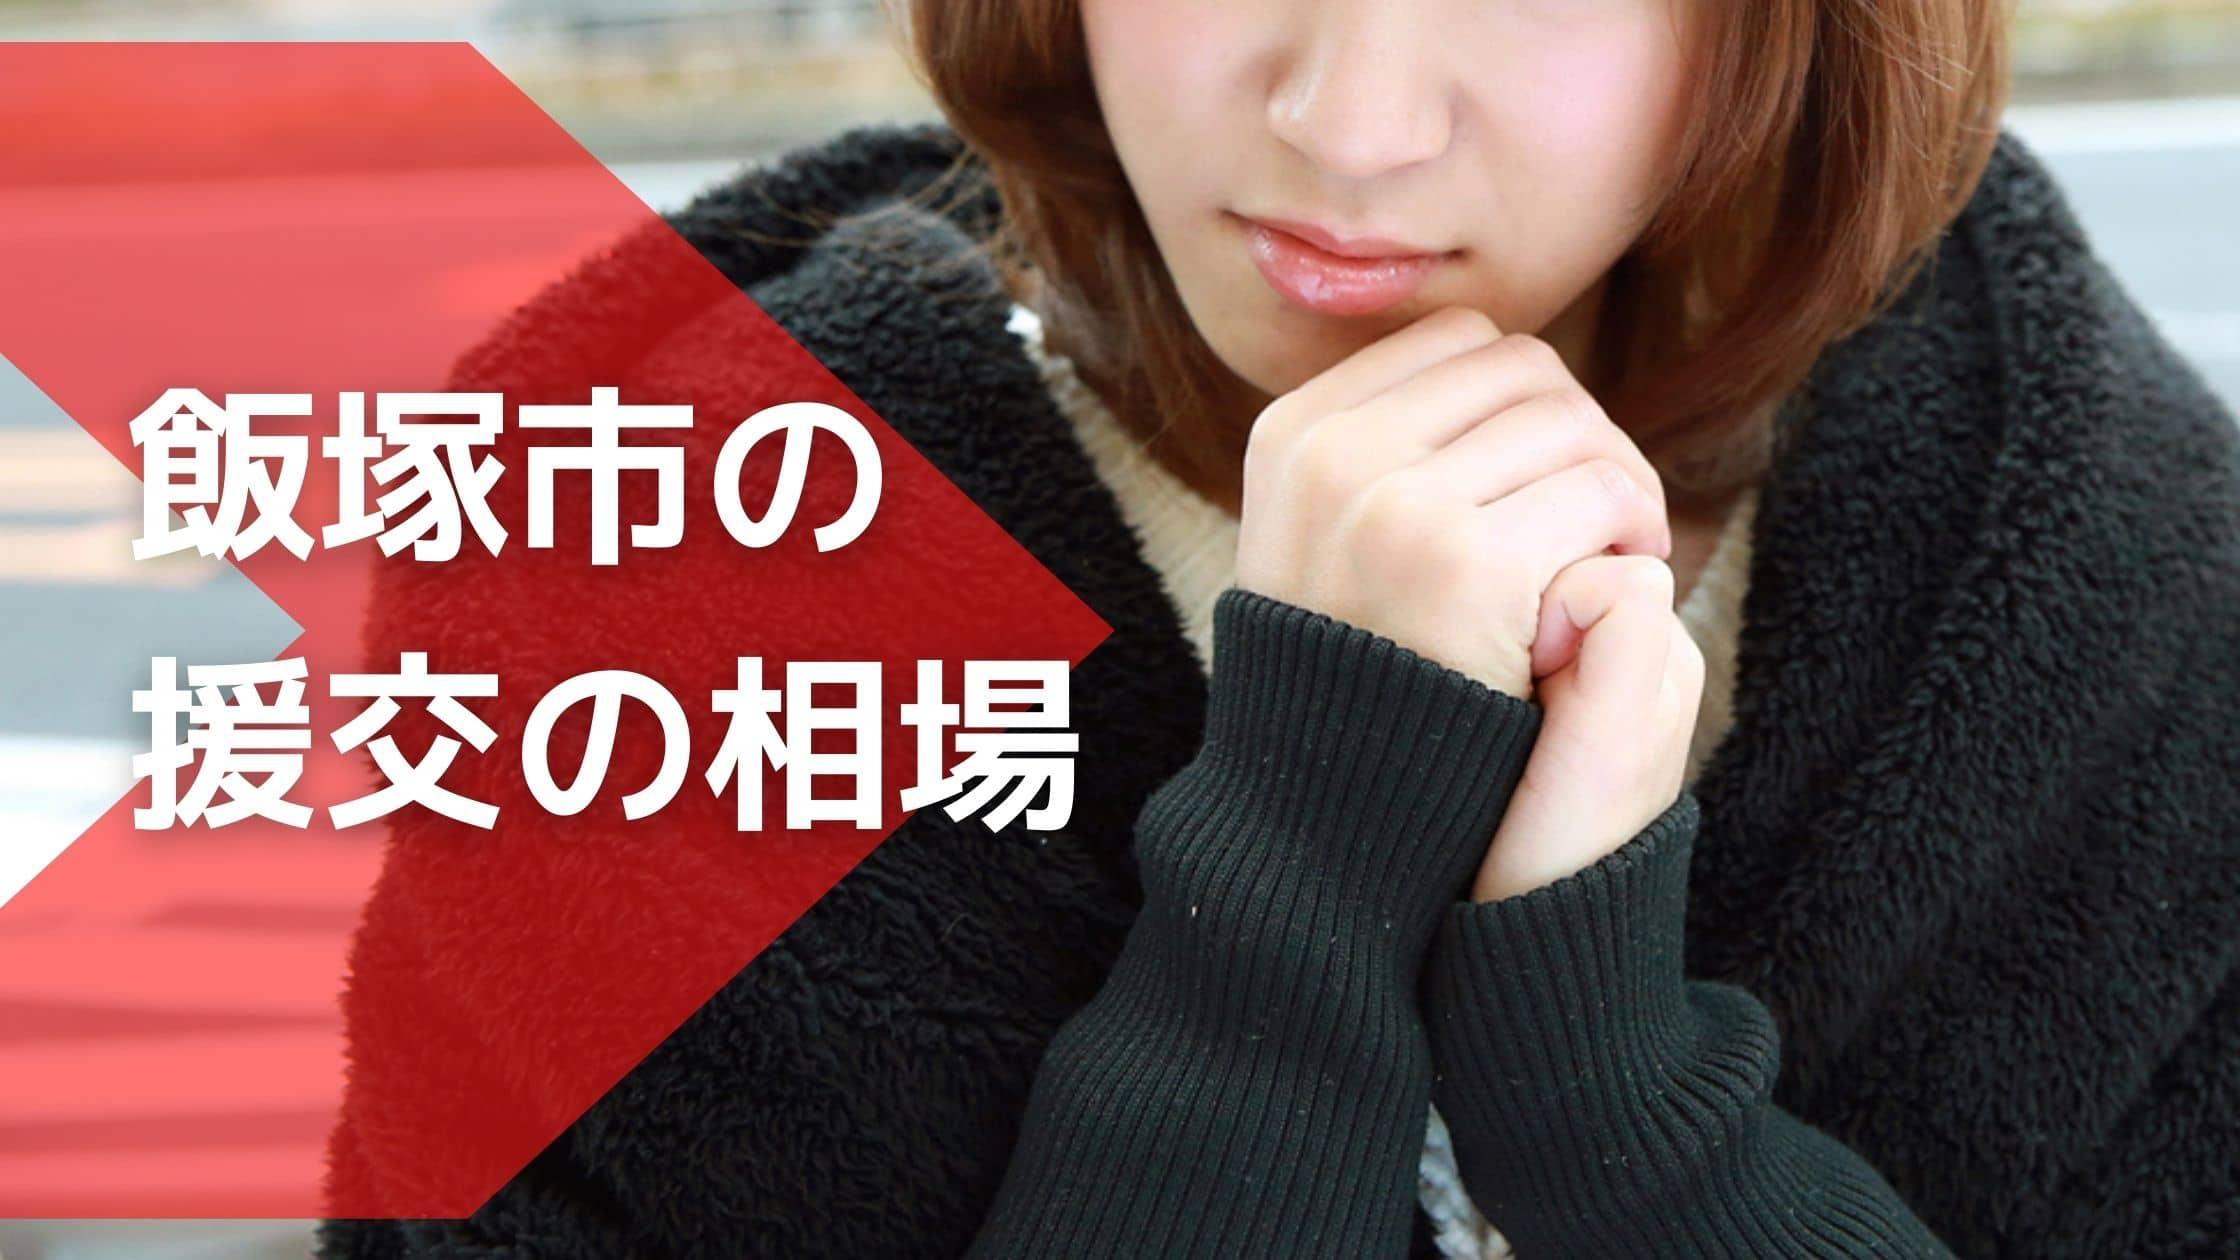 飯塚市の援交の相場